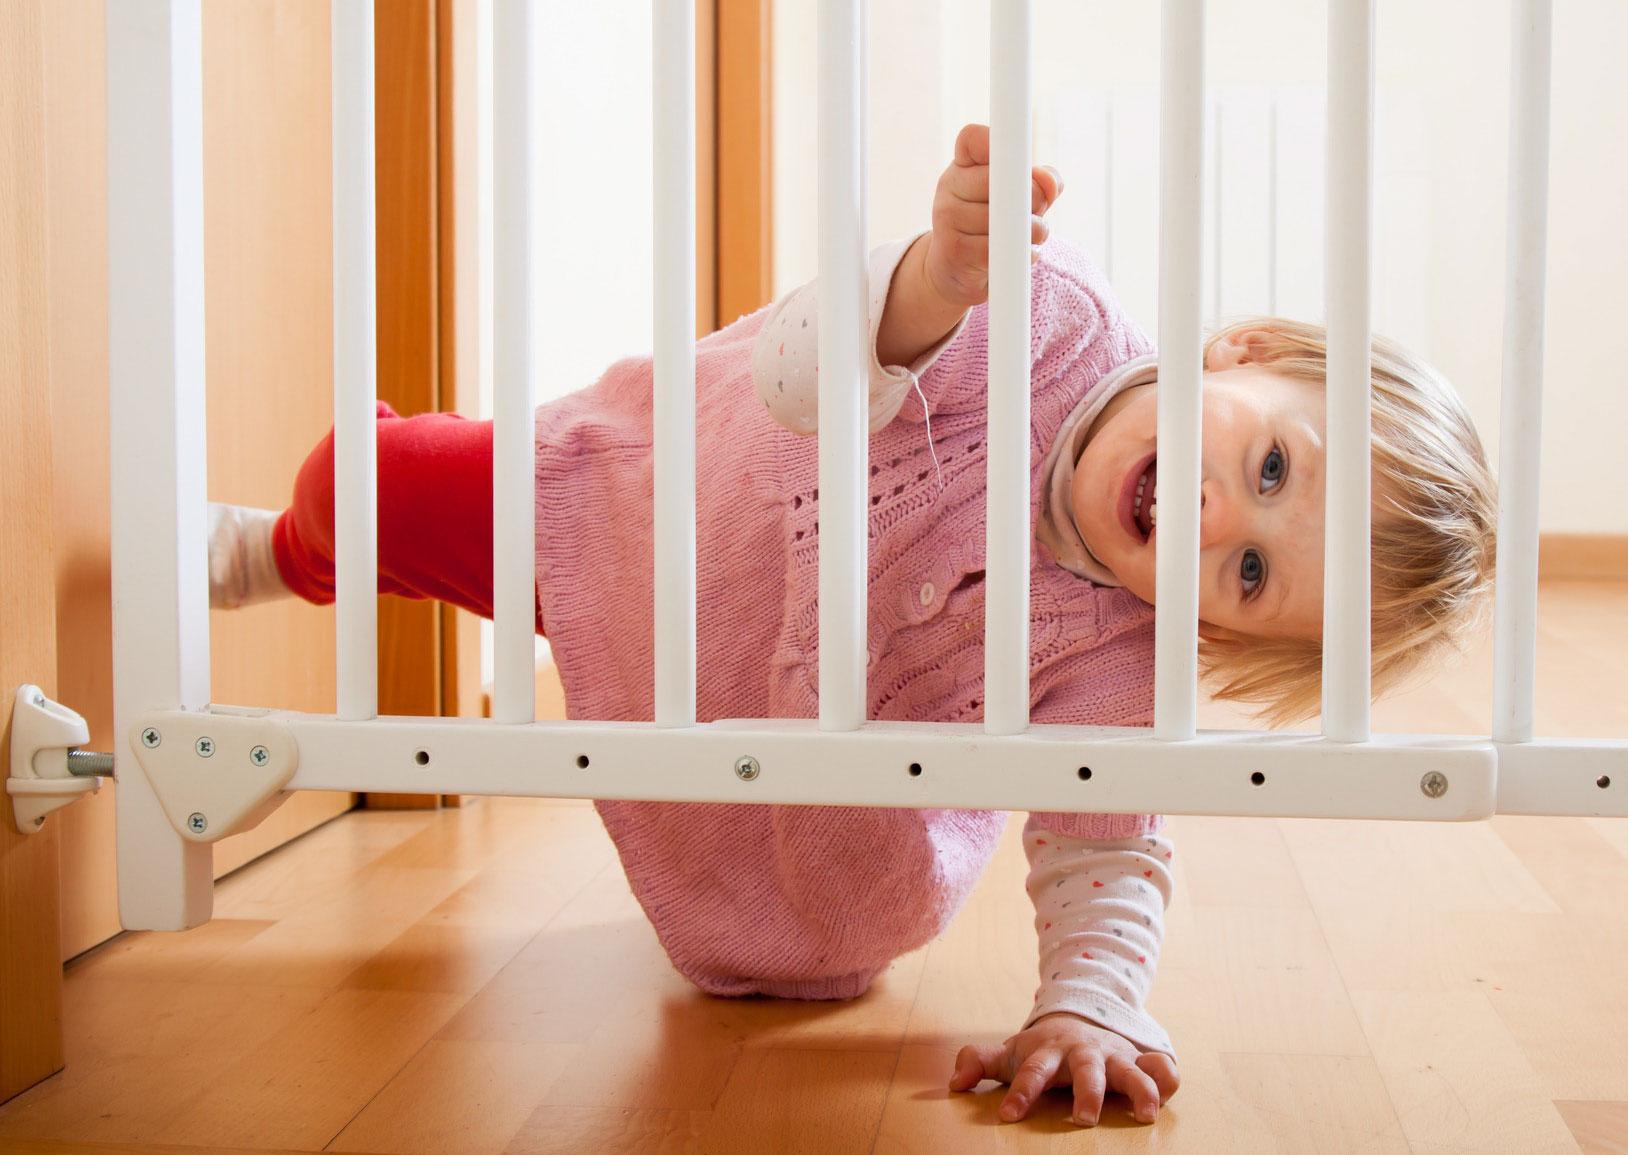 Bezpieczny żłobek bez zagrożeń dla dzieci